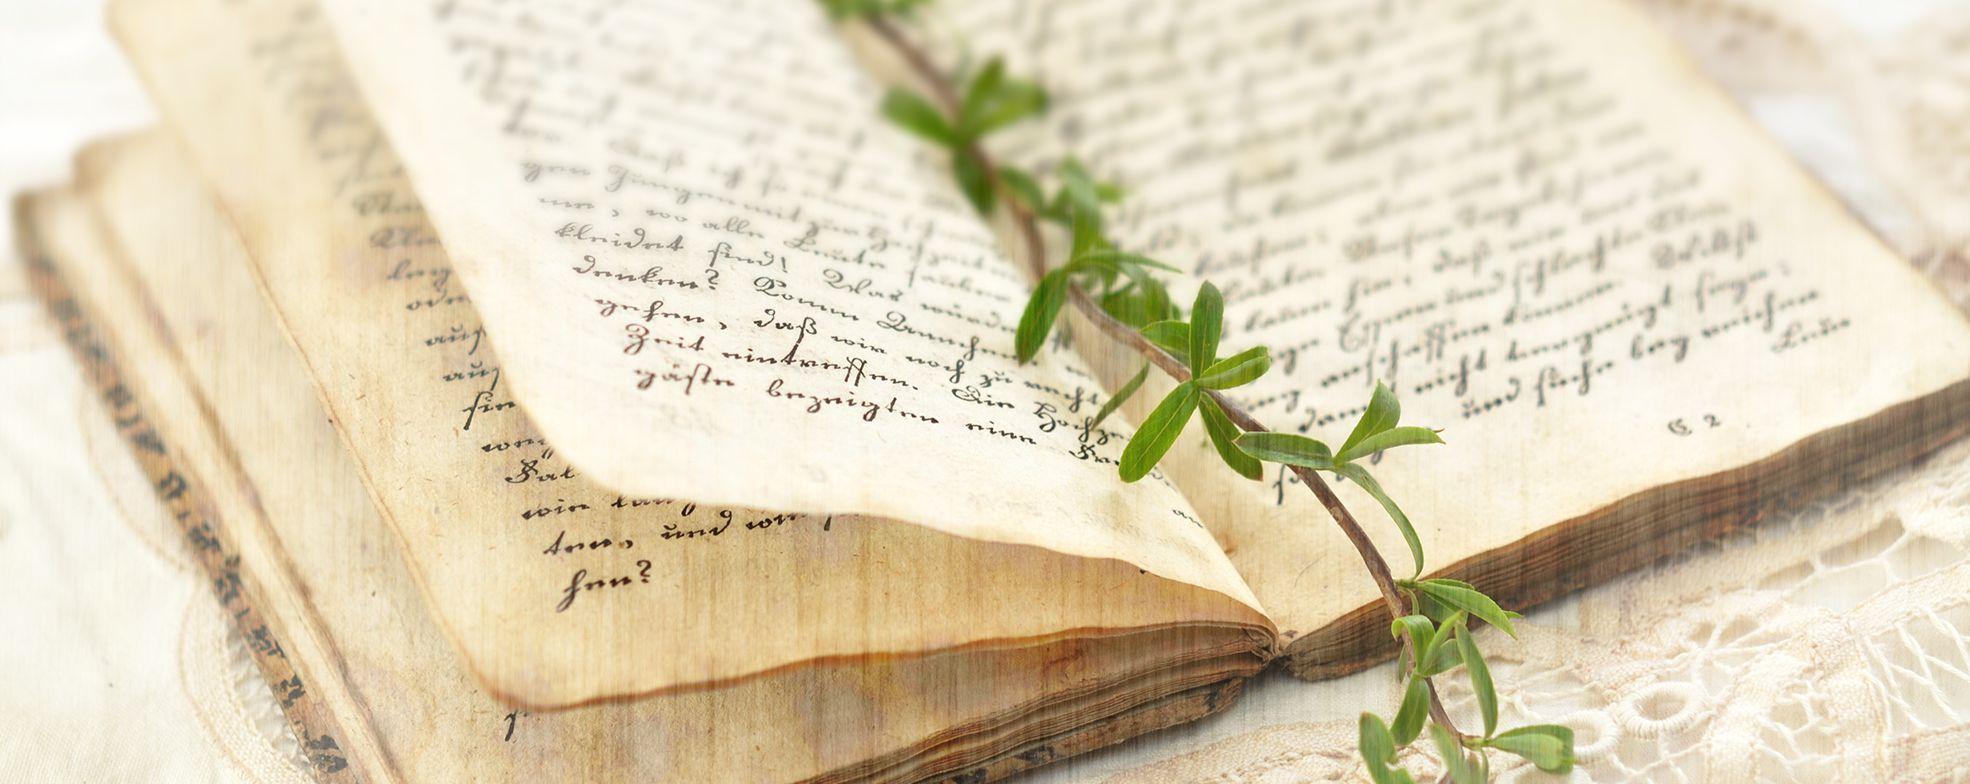 Książkowa biżuteria, czyli o zakładkach słów kilka